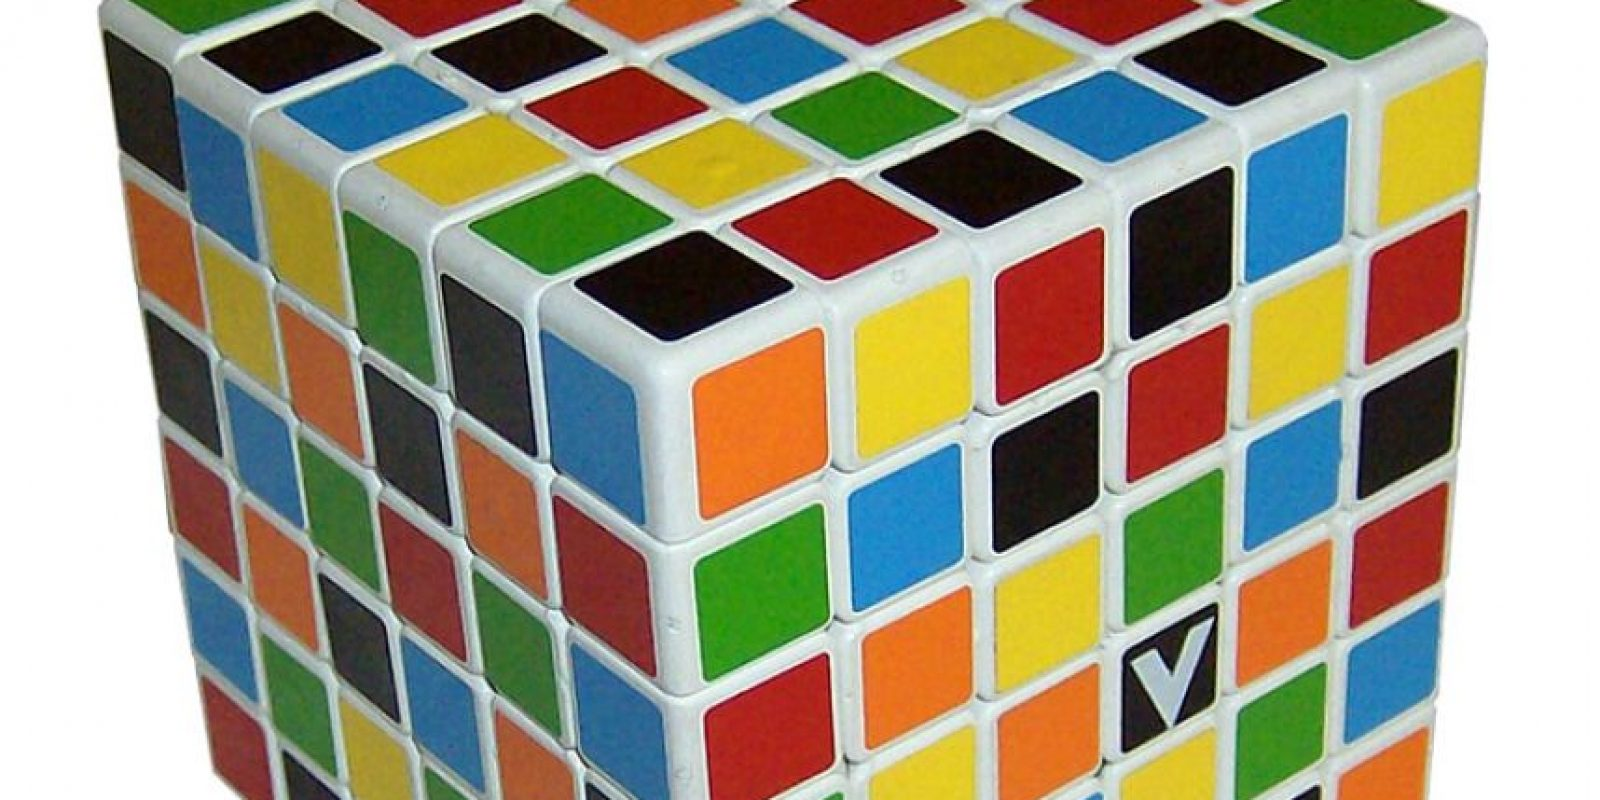 El cubo de 6x6x6 es el más popular después del original 3x3x3 Foto:Wikicommons